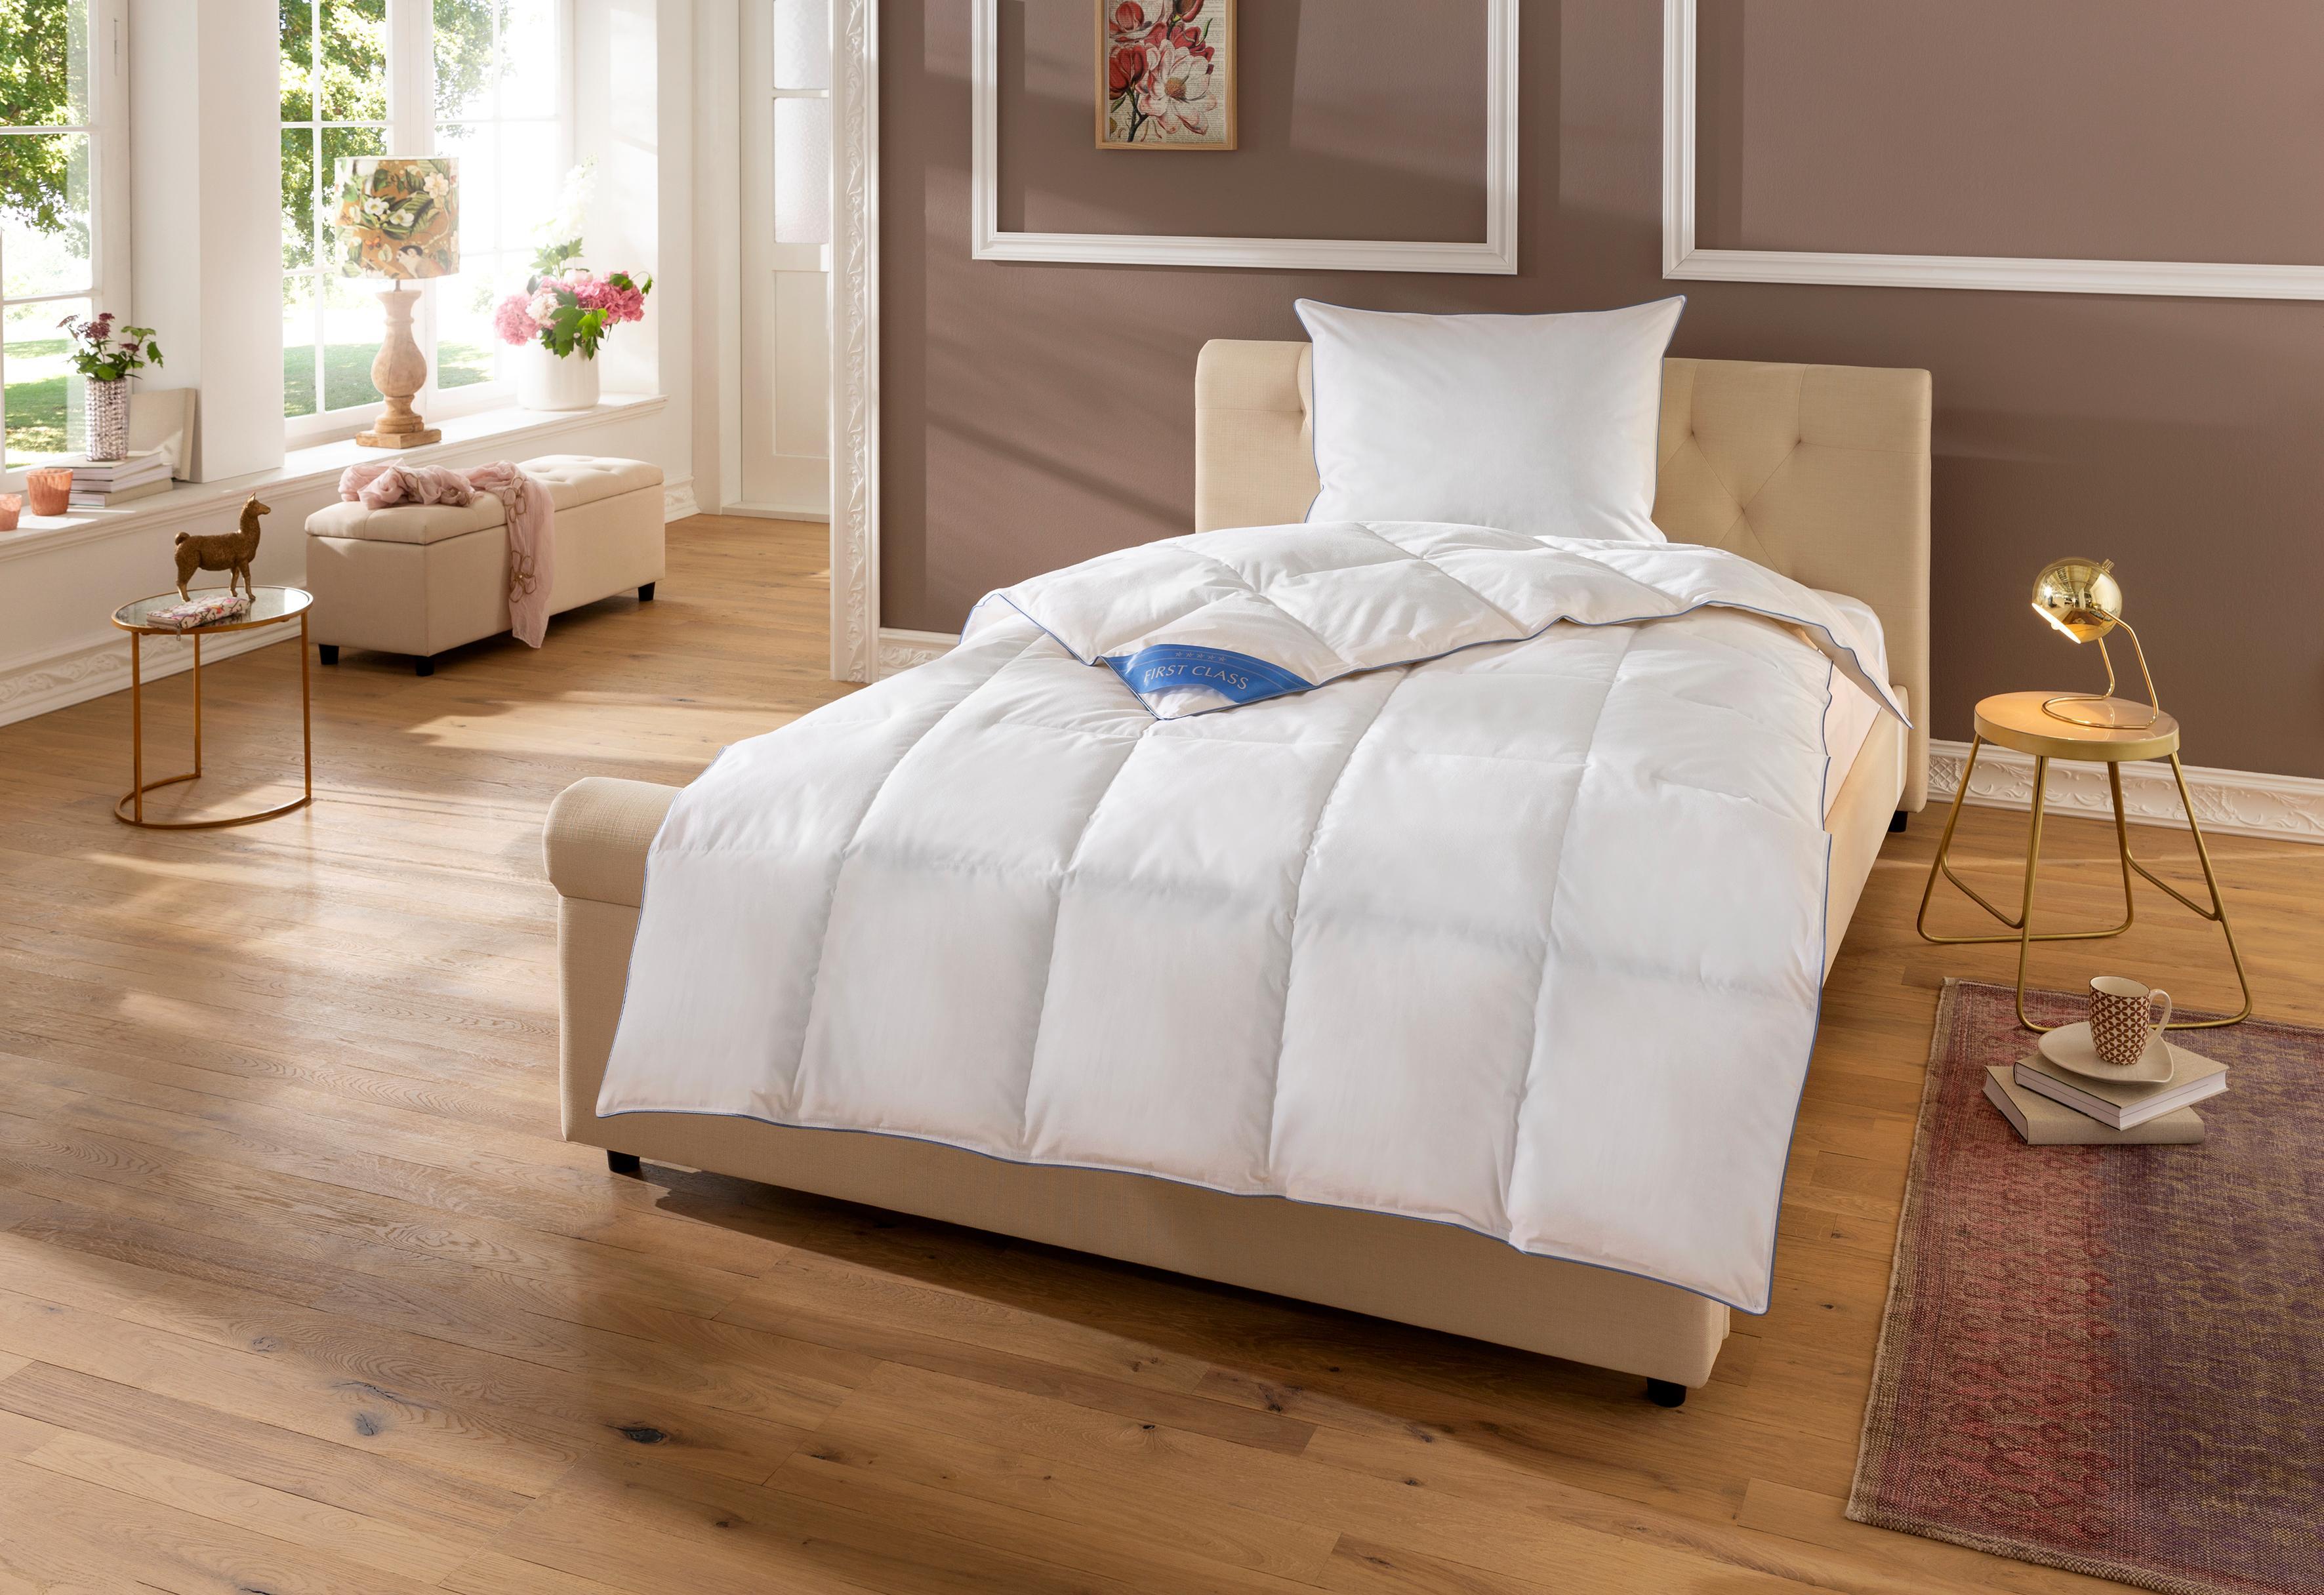 Daunenbettdecke Lina Hanse by RIBECO leicht Füllung: 90% Daunen & 10% Federn Bezug: 100% Baumwolle